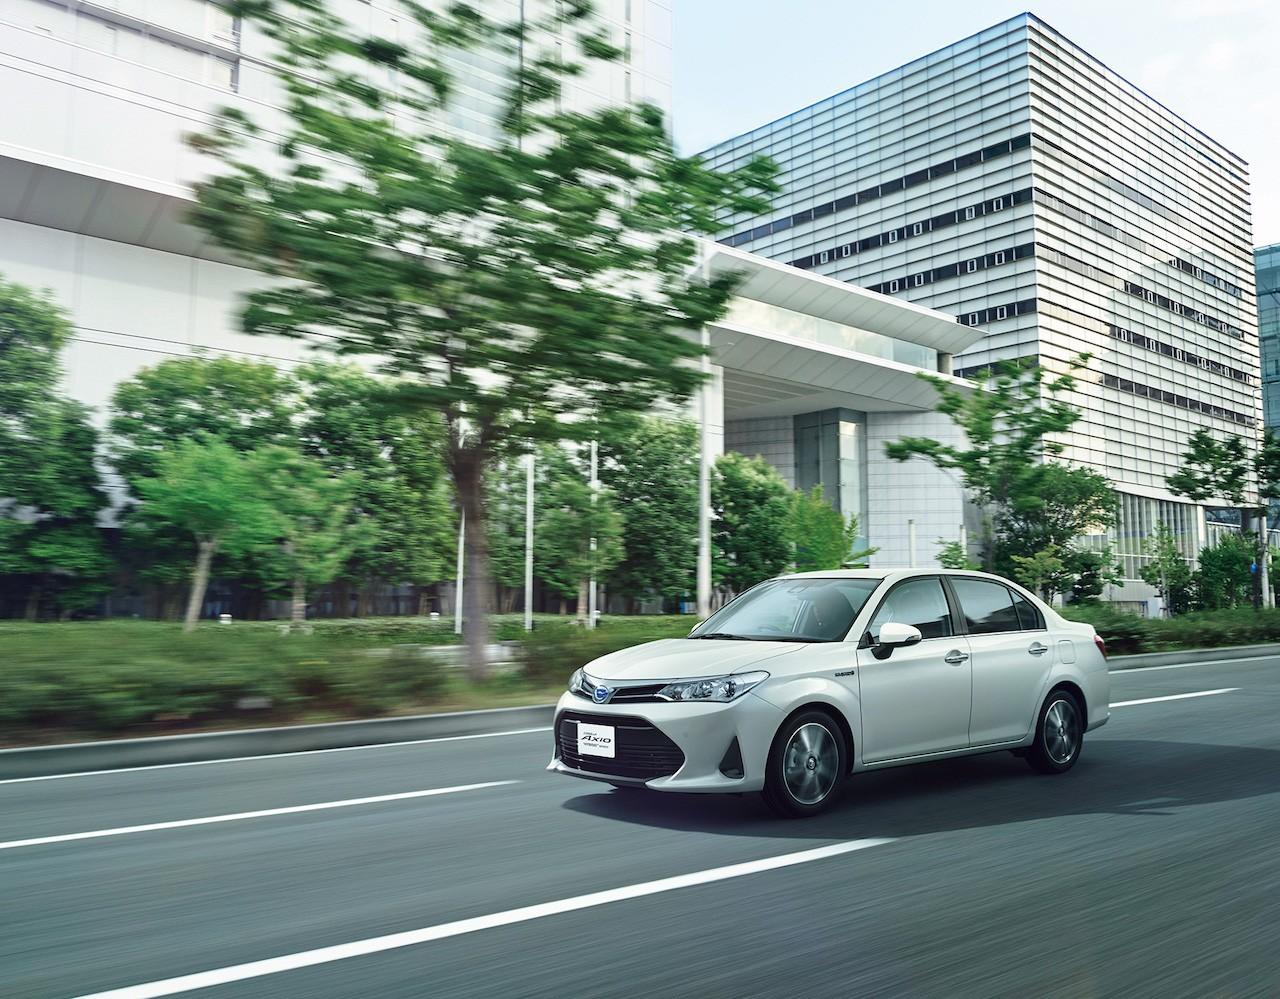 Xe++ - Toyota Corolla Axio và Corolla Fielder đời 2018 lộ diện hoàn toàn (Hình 7).